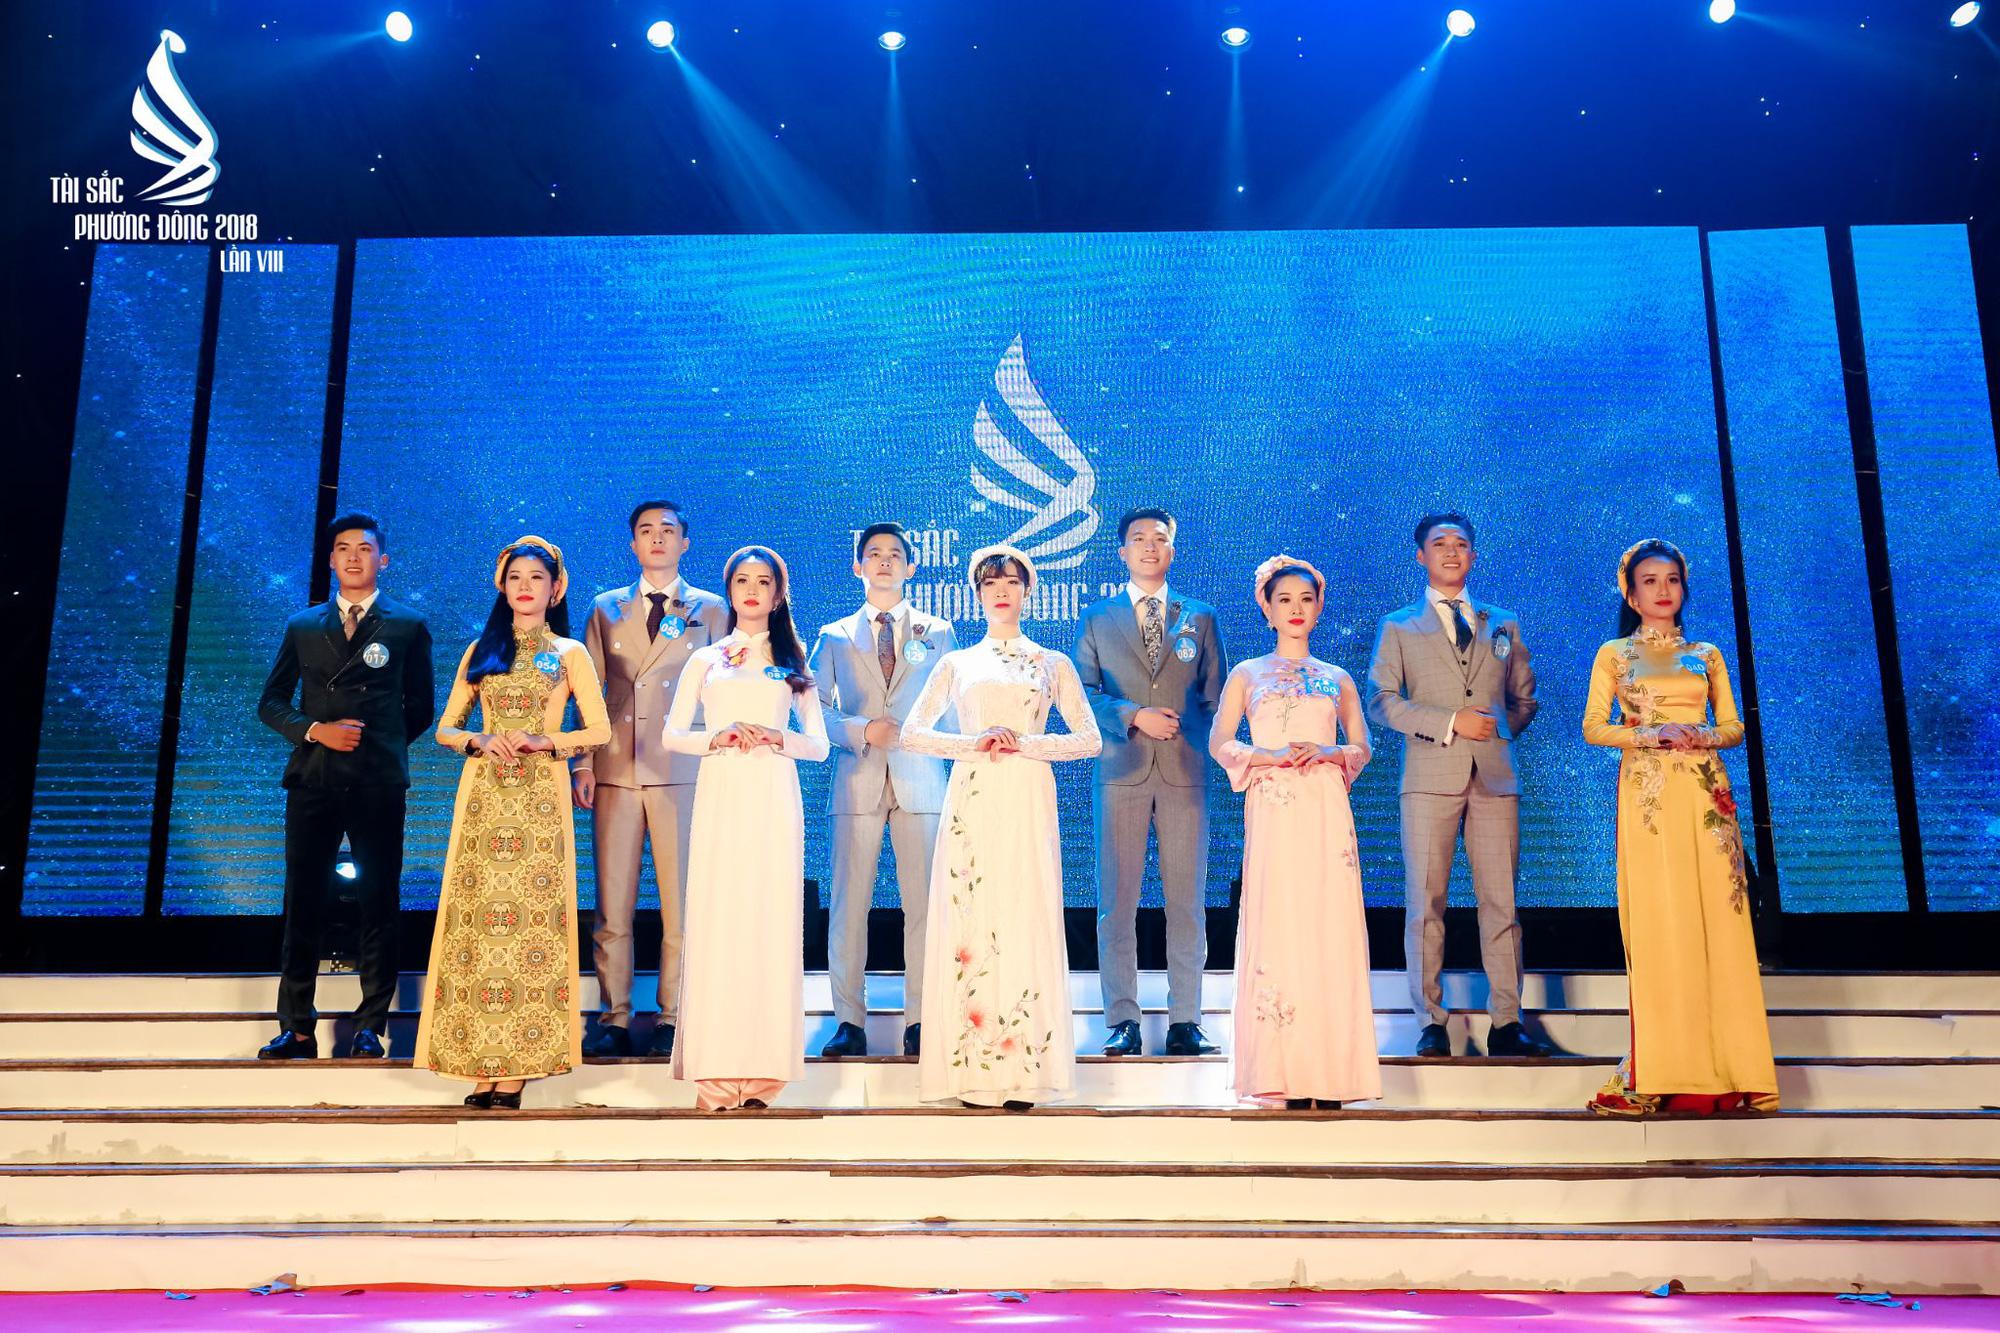 Gặp gỡ cô nàng Gen Z tài năng của Đại học Phương Đông hiện đang là gương mặt nổi bật tại Miss World Việt Nam 2021 - Ảnh 4.